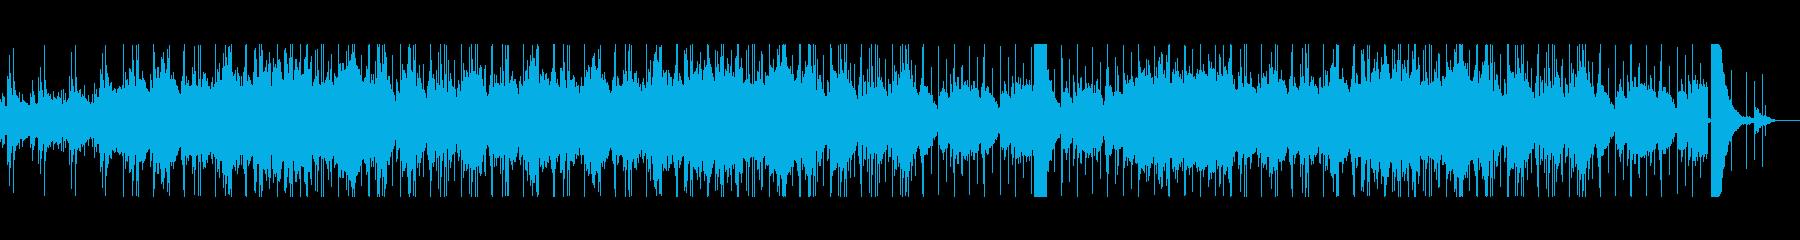 聞いているだけで怖くなるホラーのBGMの再生済みの波形